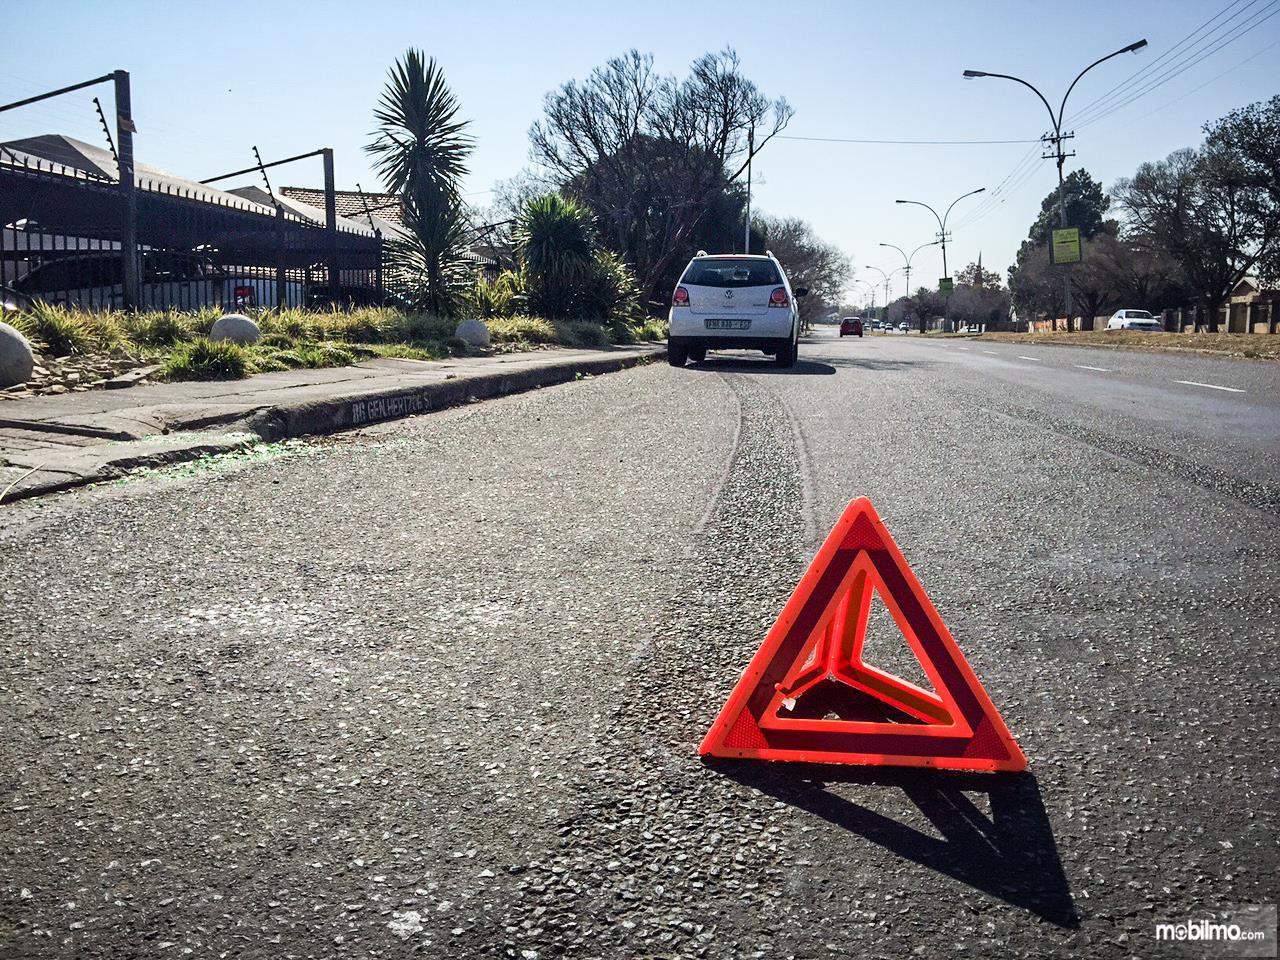 Pasang segitiga darurat agar proses pertolongan tetap aman